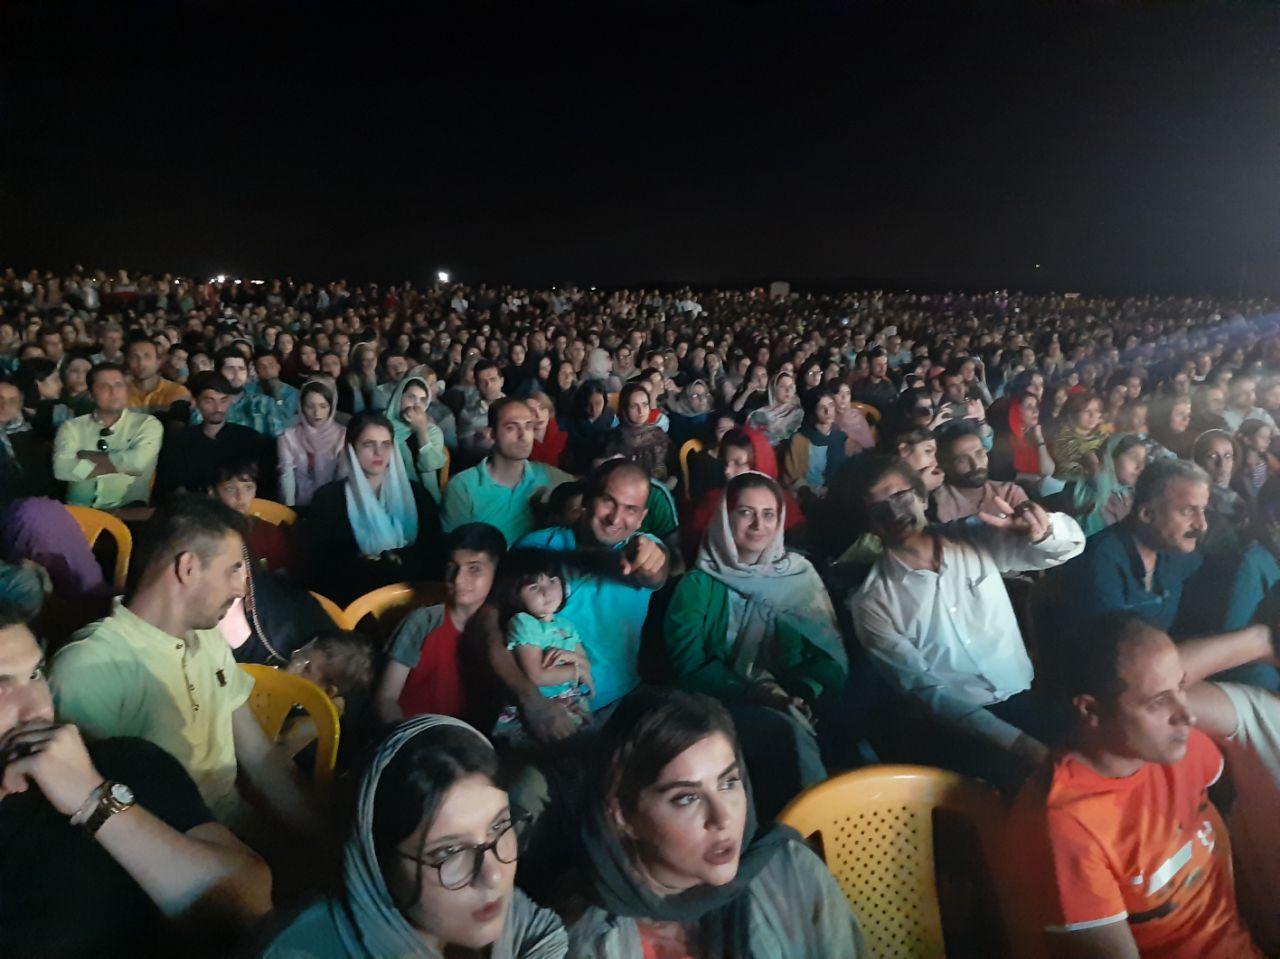 گزارش تصویری چهارمین جشنواره ملی دریای کاسپین در ساحل سحرخیرمحله لاهیجان